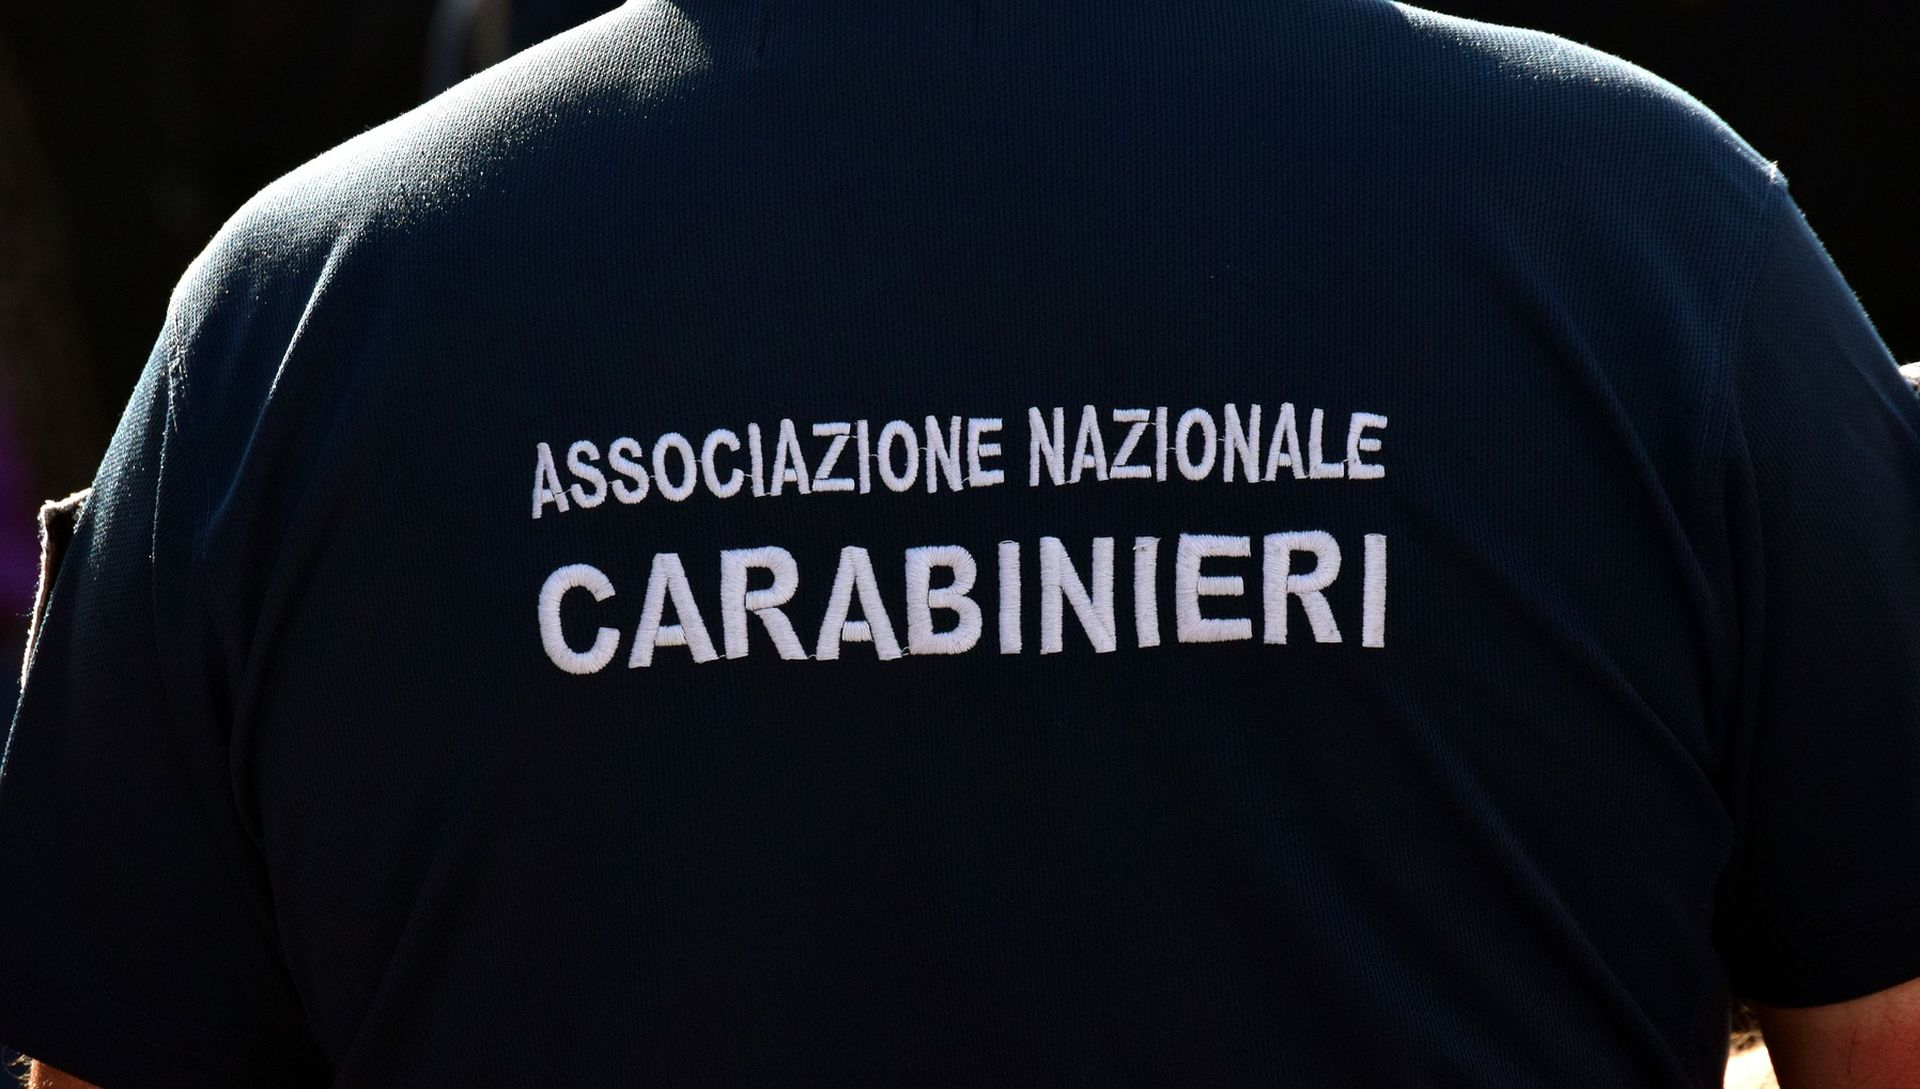 Jednojajčani provalnici vuku za nos talijansku policiju